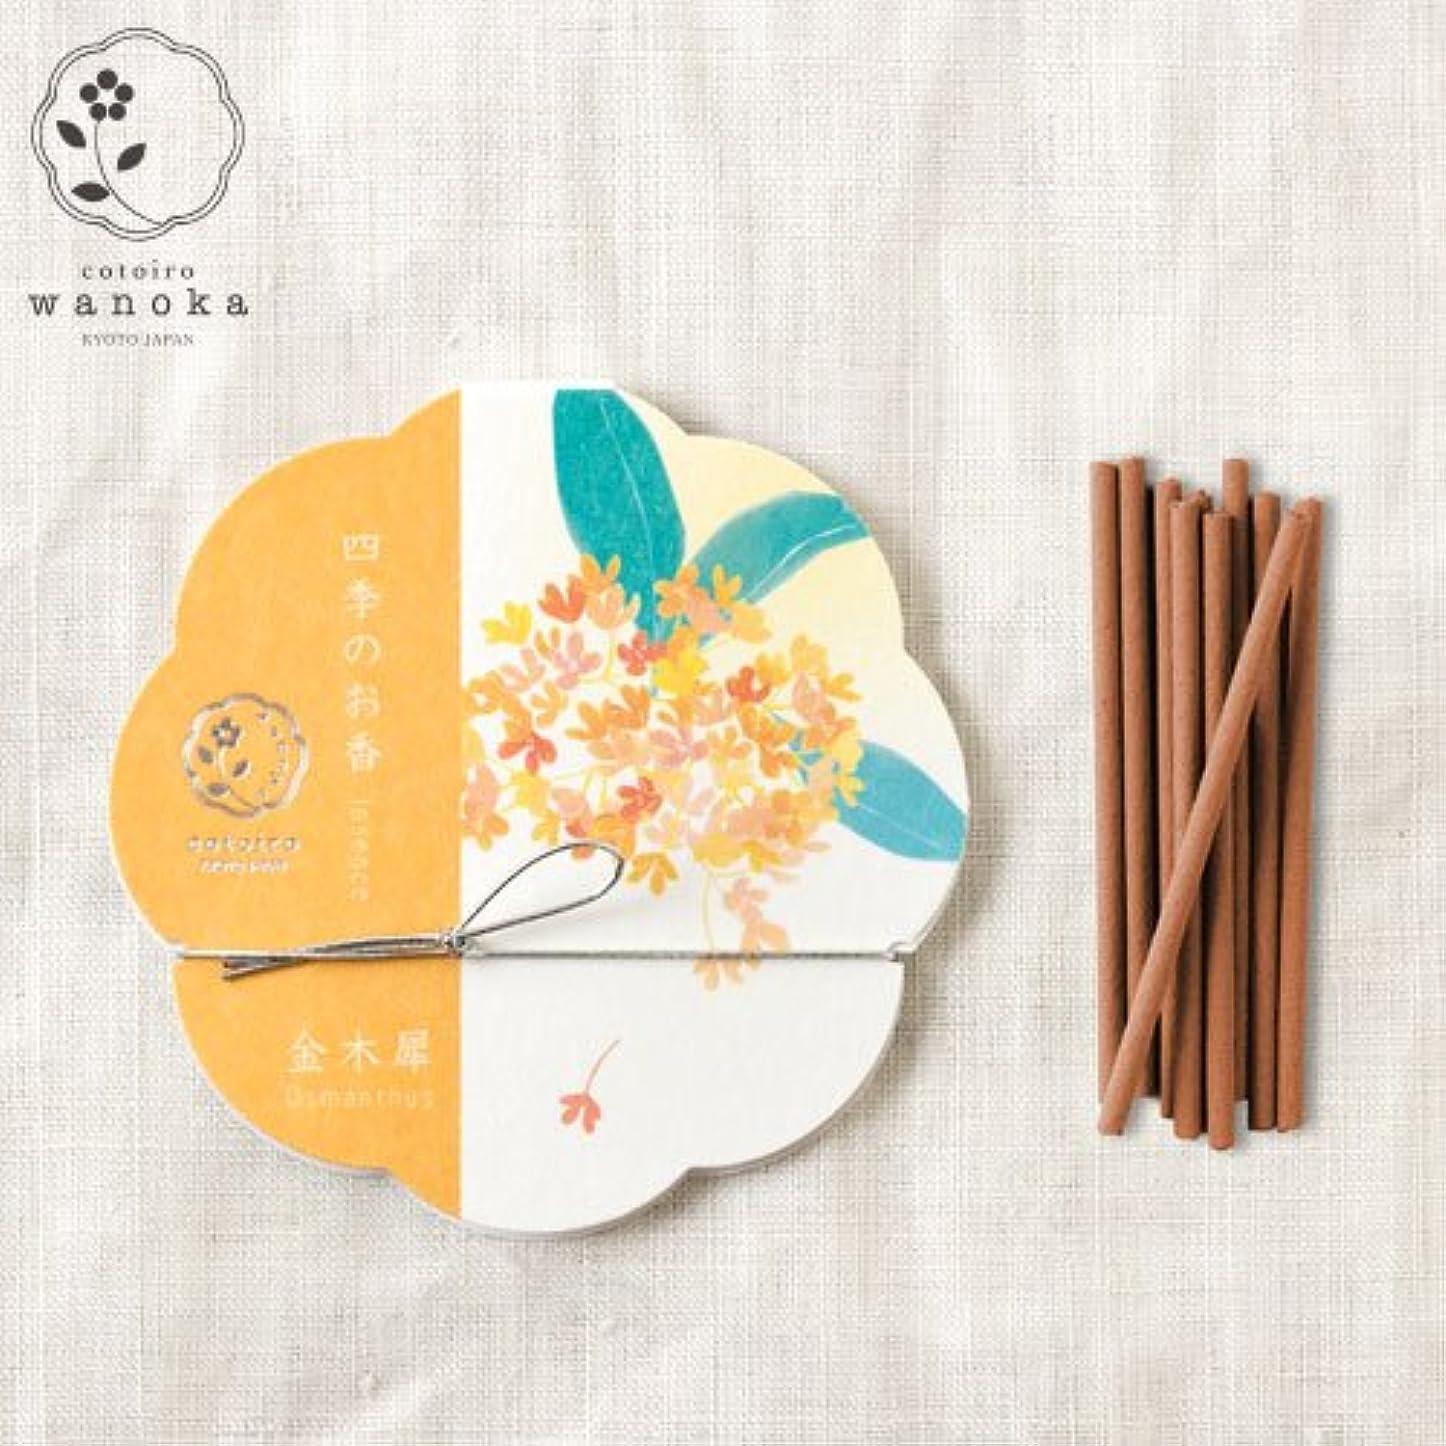 教育する入射遵守するwanoka四季のお香(インセンス)金木犀《金木犀をイメージした果実のような甘い香り》ART LABIncense stick